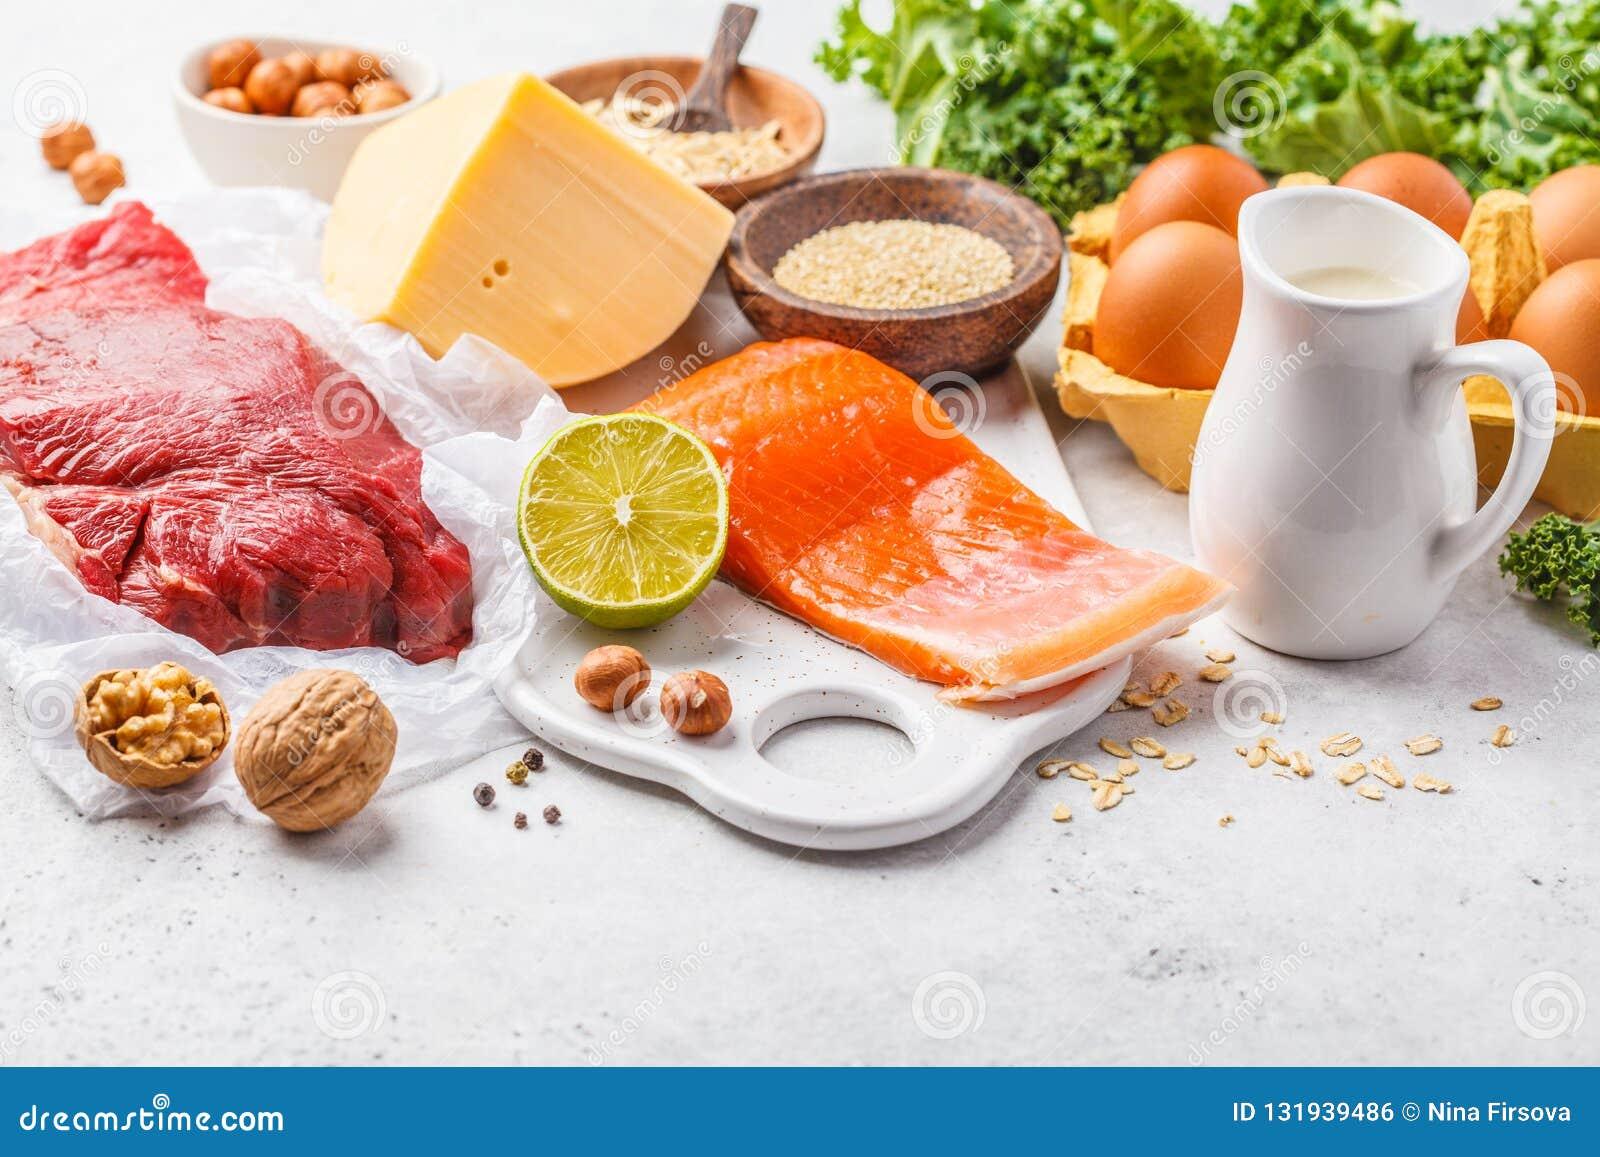 www dieta equilibrada comidas